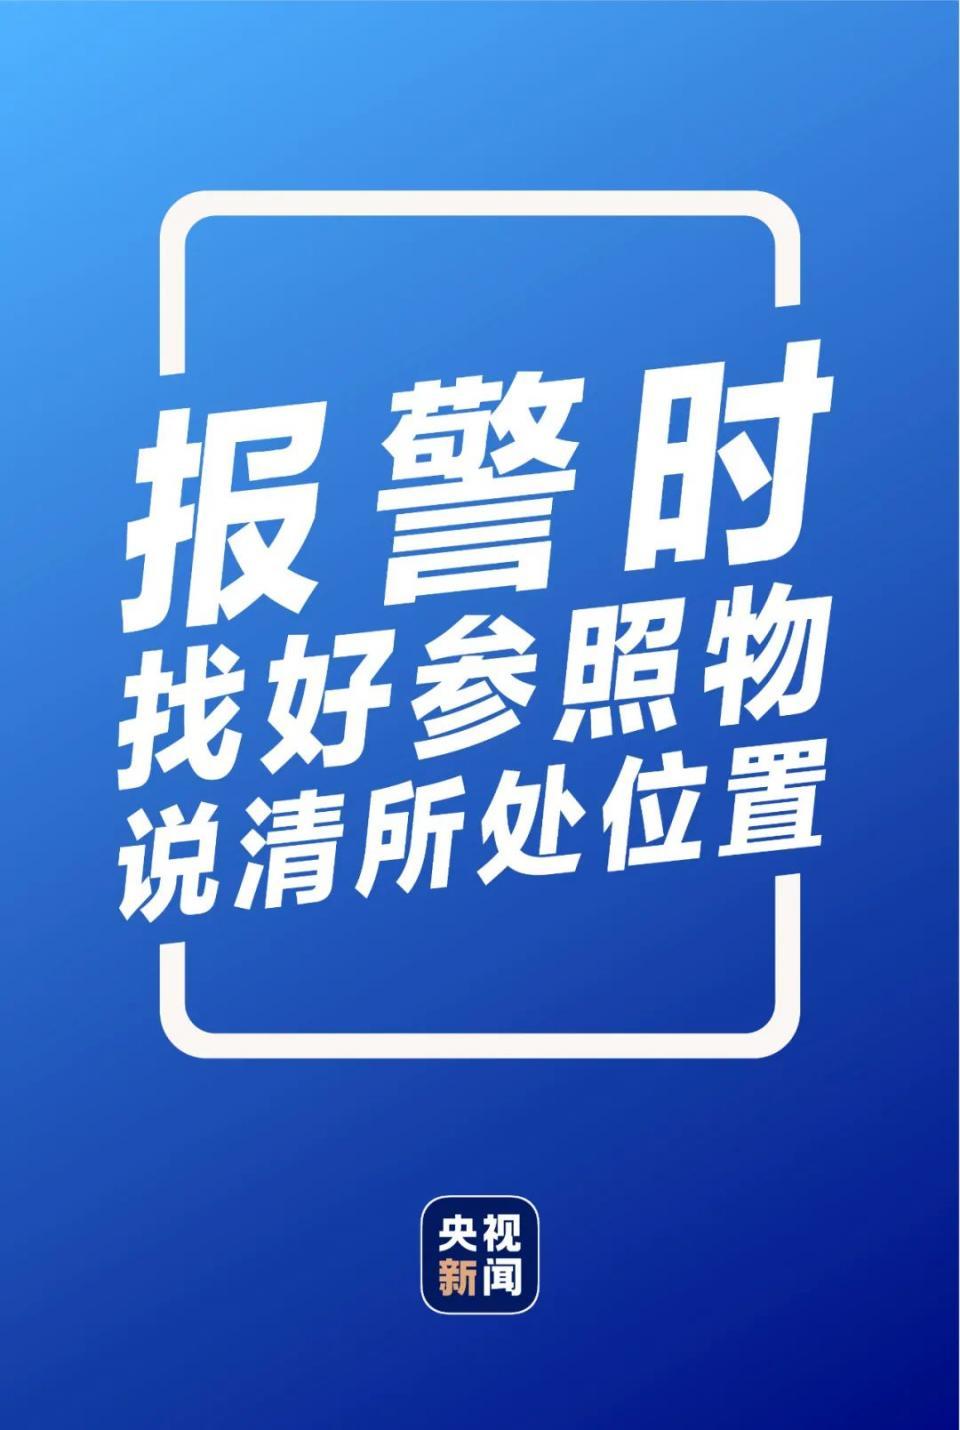 特大暴雨个人自救指南,www.yiyingbk.com